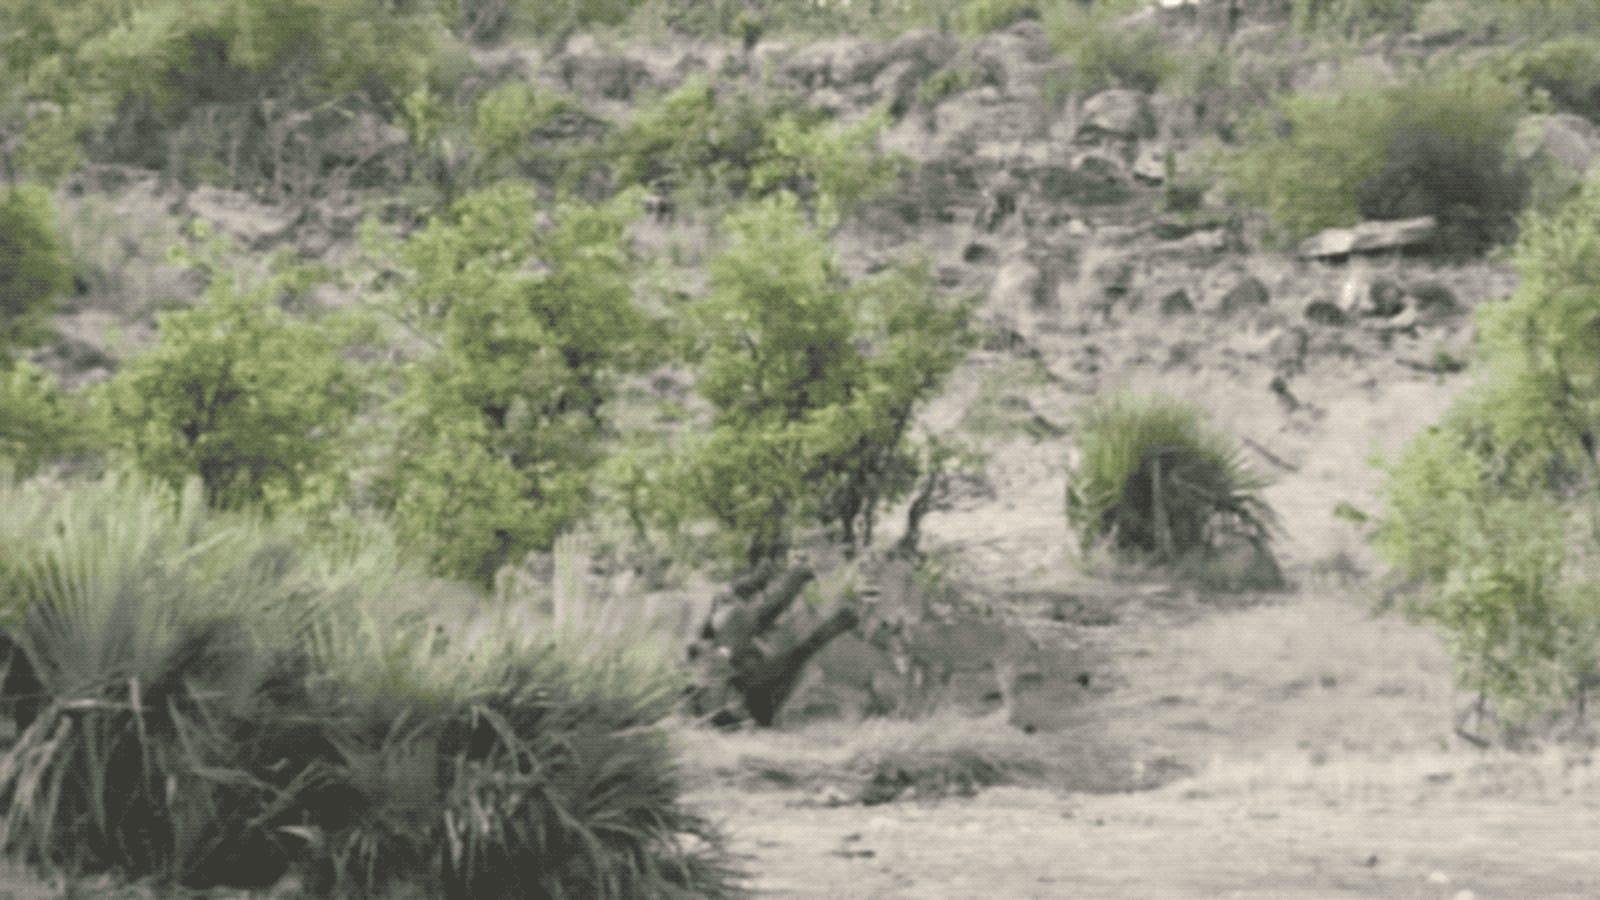 El dramático momento en el que unos búfalos ahuyentan a una manada de leones para salvar a un bebé elefante